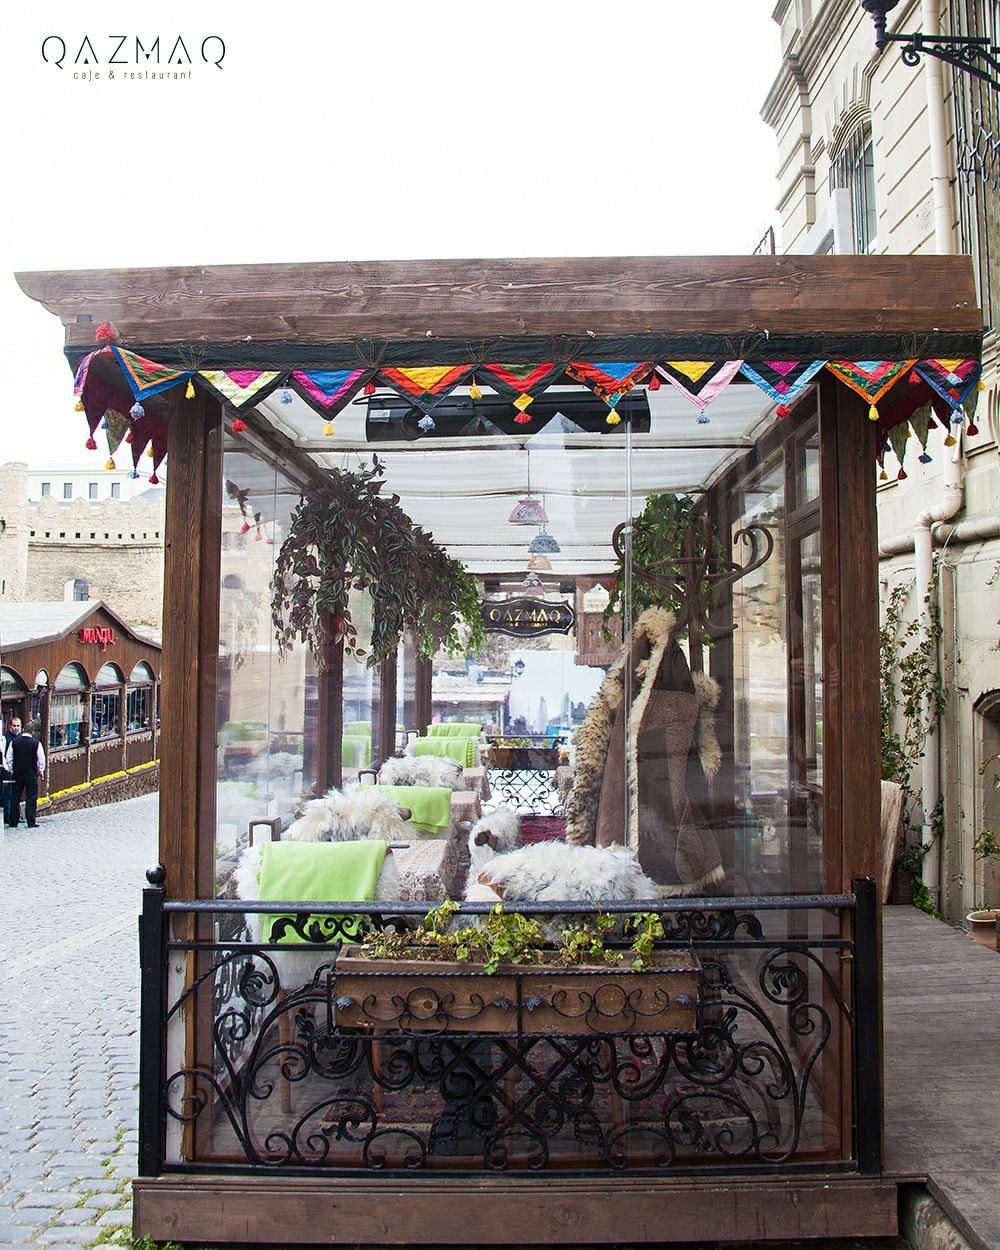 Qazmaq Restoranı